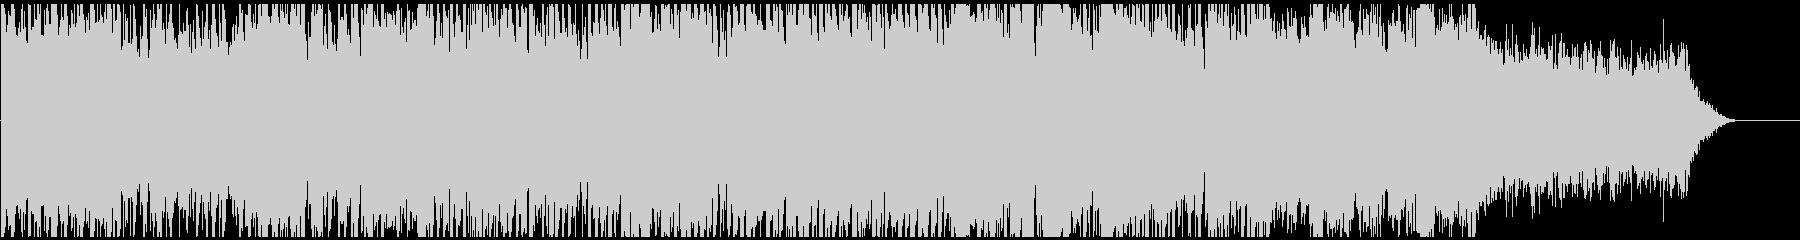 ダークな和風ドラムンベースEDM篠笛生録の未再生の波形